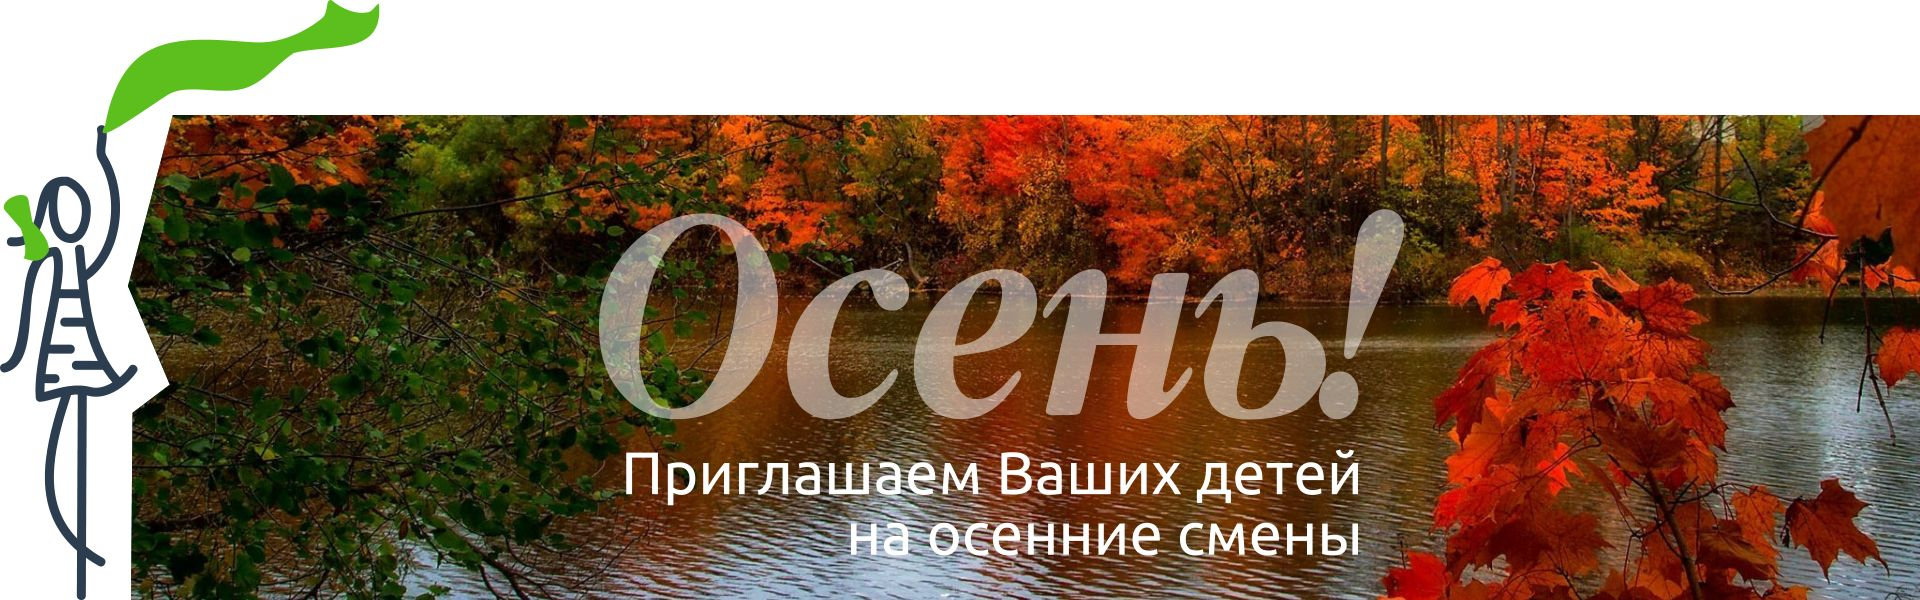 Осень! Приглашаем Ваших детей на осенние смены